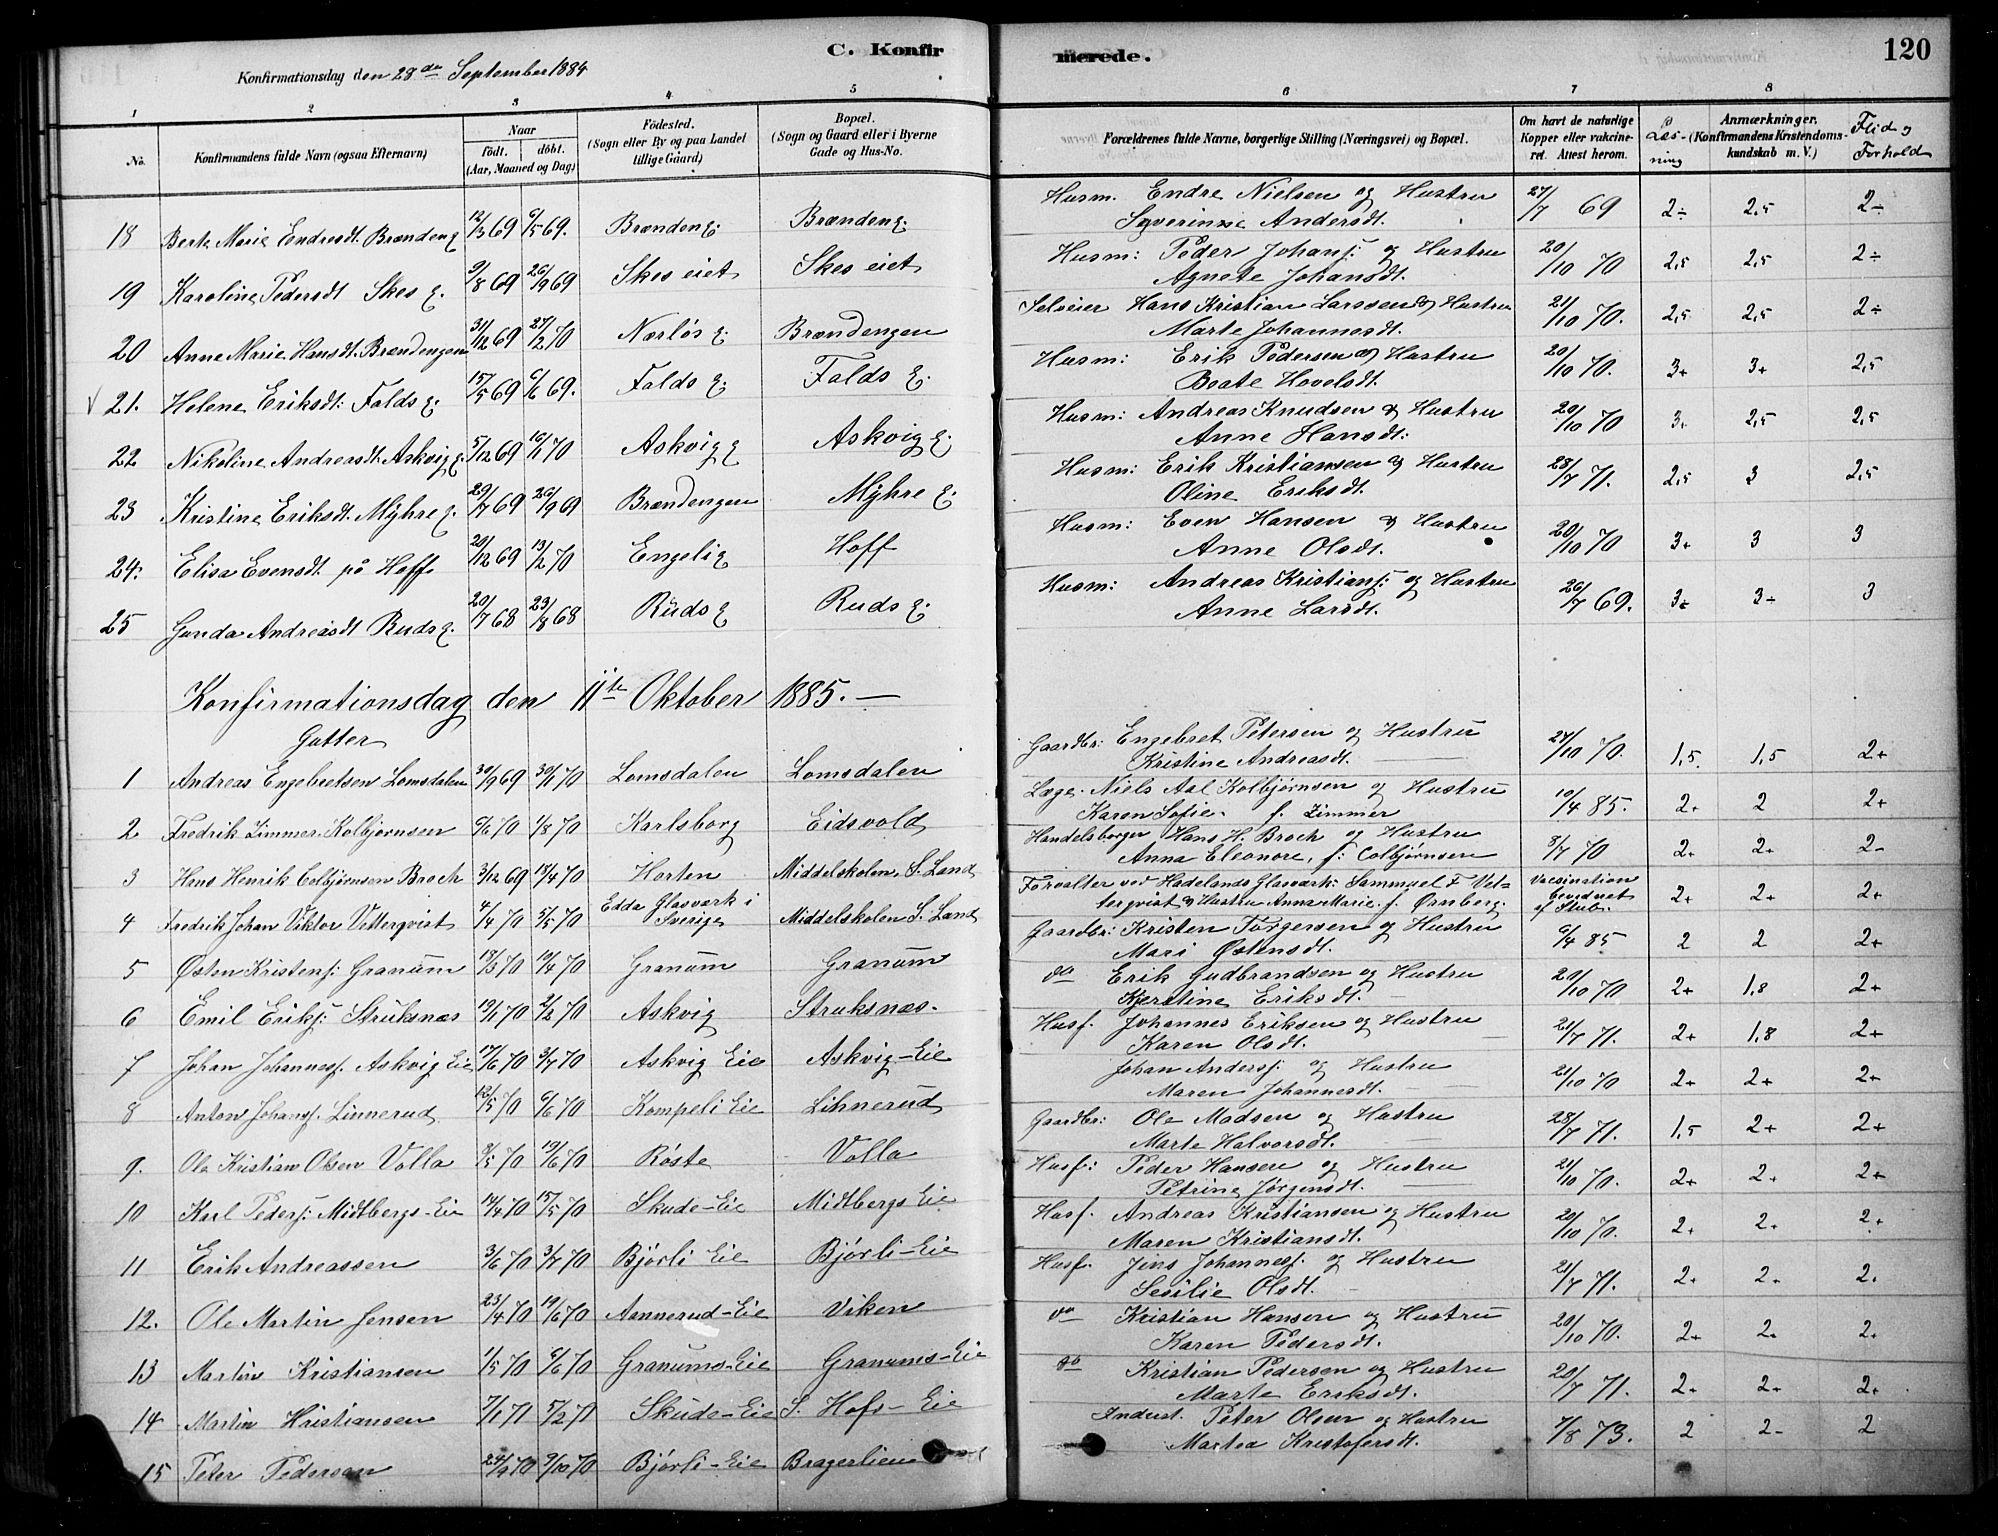 SAH, Søndre Land prestekontor, K/L0003: Ministerialbok nr. 3, 1878-1894, s. 120